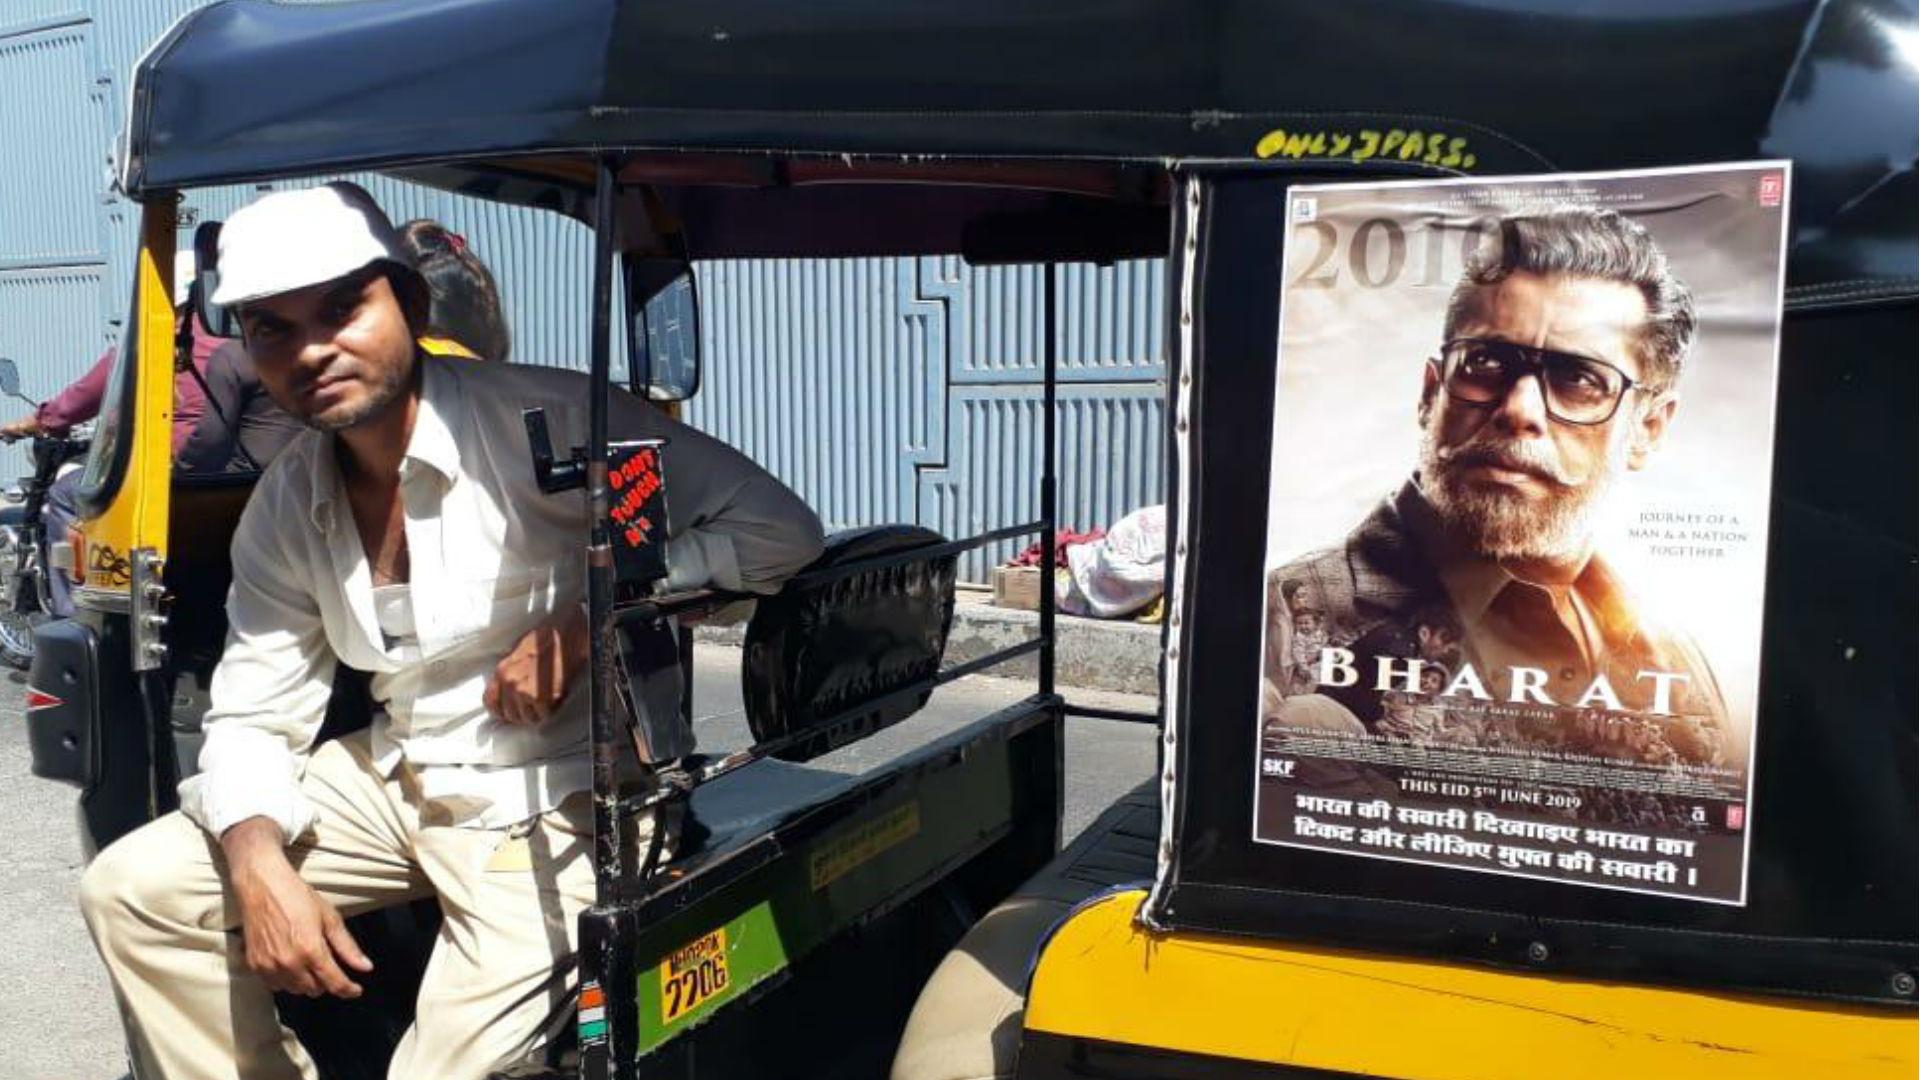 फिल्म भारत का अगर आपके पास भी है टिकट, तो आपको मिल सकता है फ्री में खाना और घूमना, जानिए कैसे